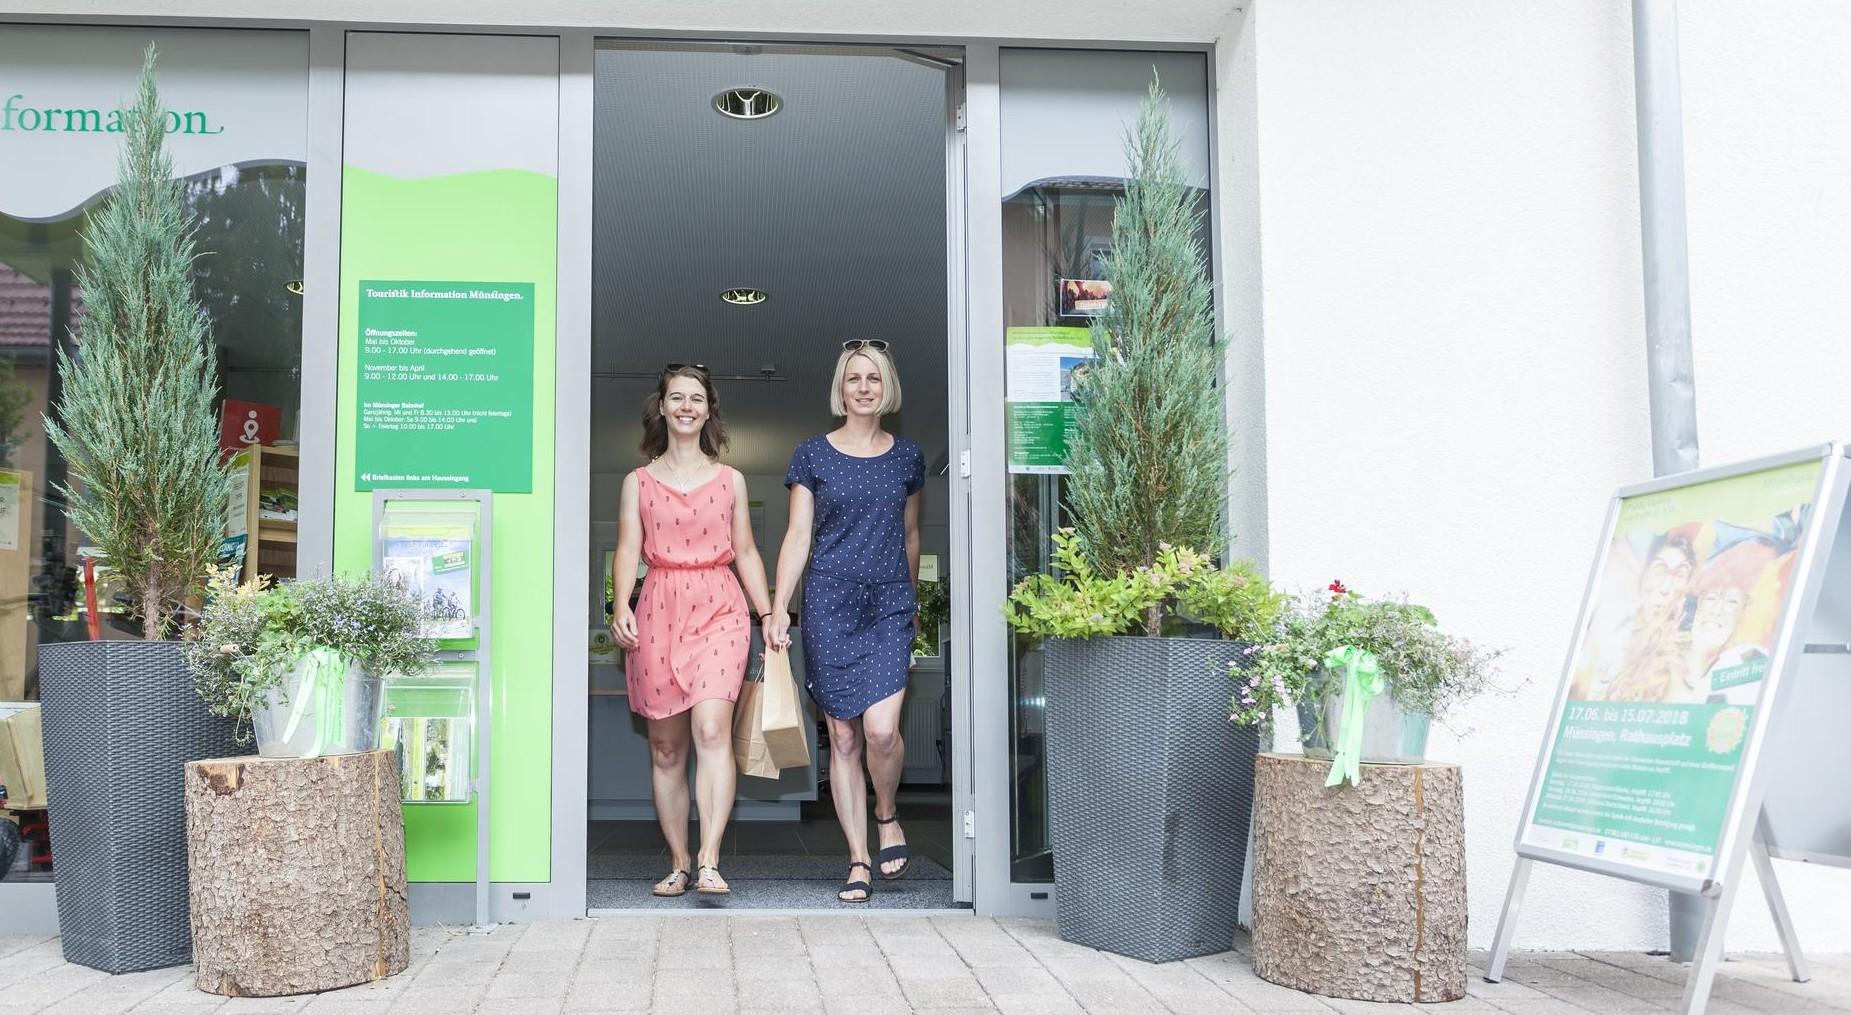 Zwei Personen laufen aus einem Laden mit Tüten in der Hand und lächelln in die Kamera. Links und rechts vom Eingang stehen dekorative Pflanzen.